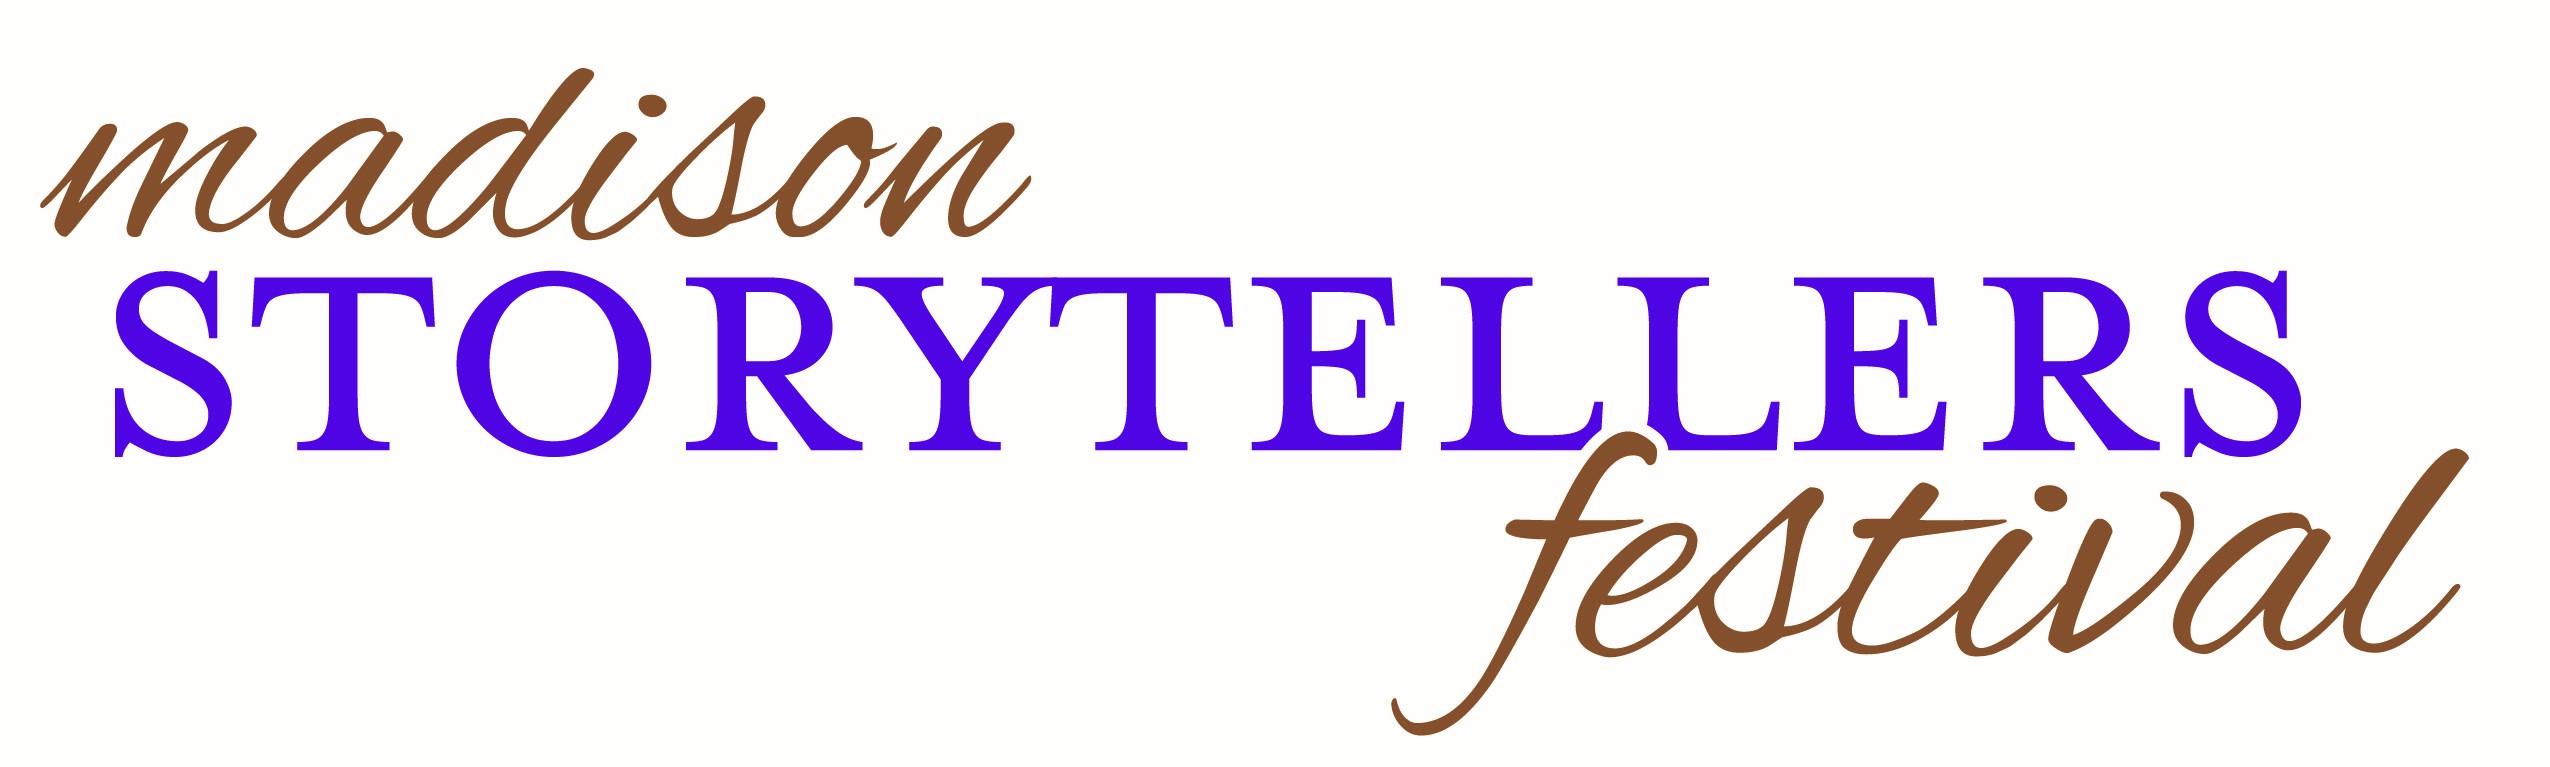 bfea98eb9f704a97e4dd_Madison_Storytellers_Festival_Logo.jpg